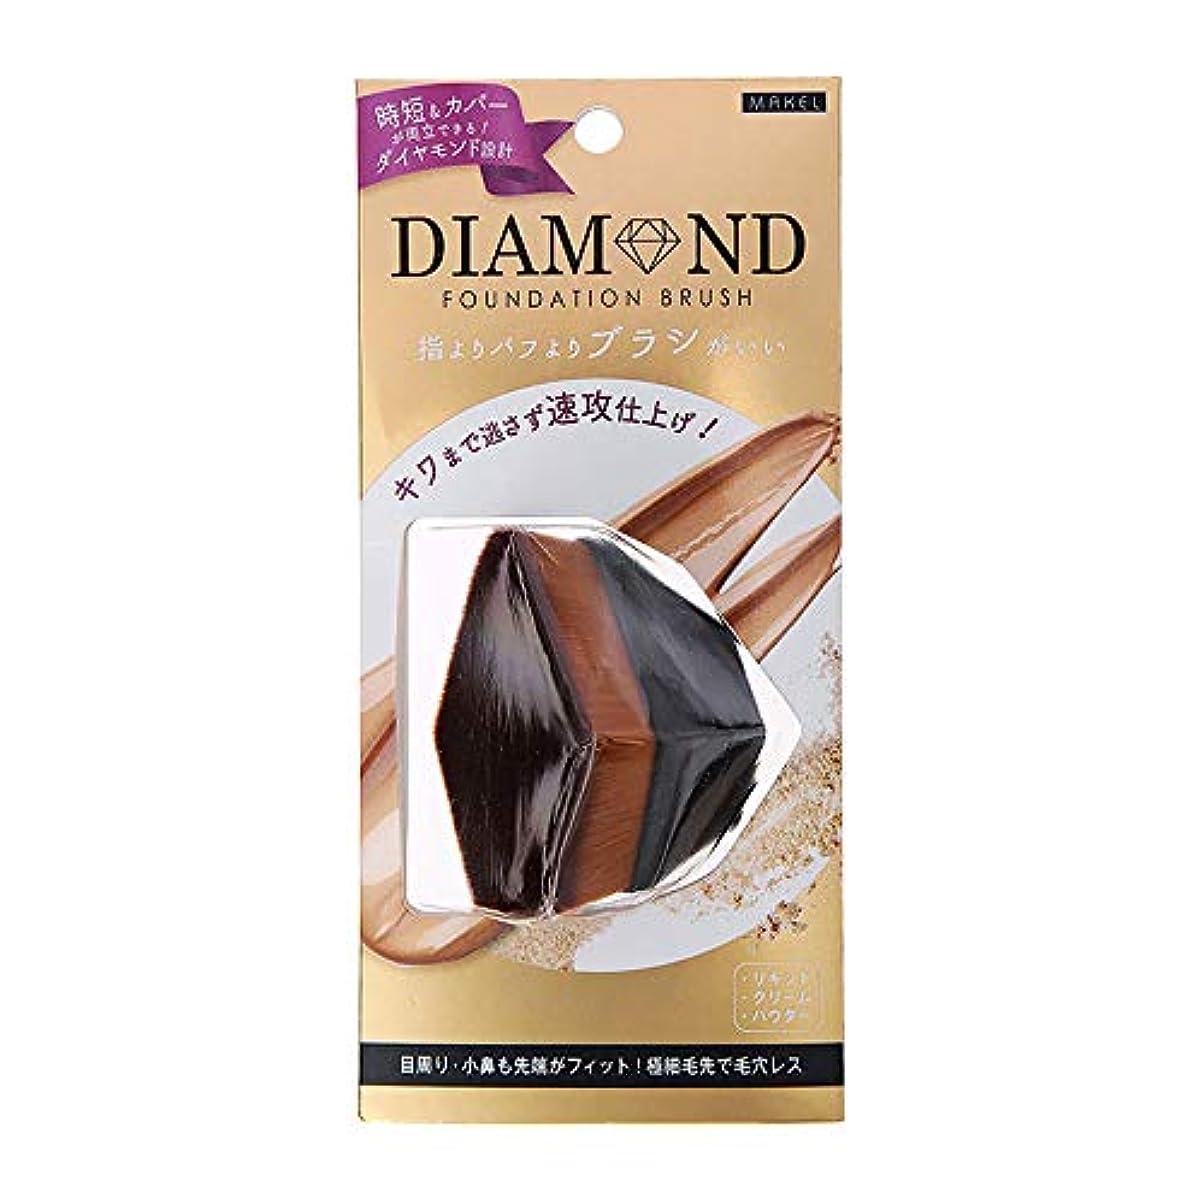 限界ハンバーガーパーセントダイヤモンドファンデーションブラシ(ブラック) DIB1500